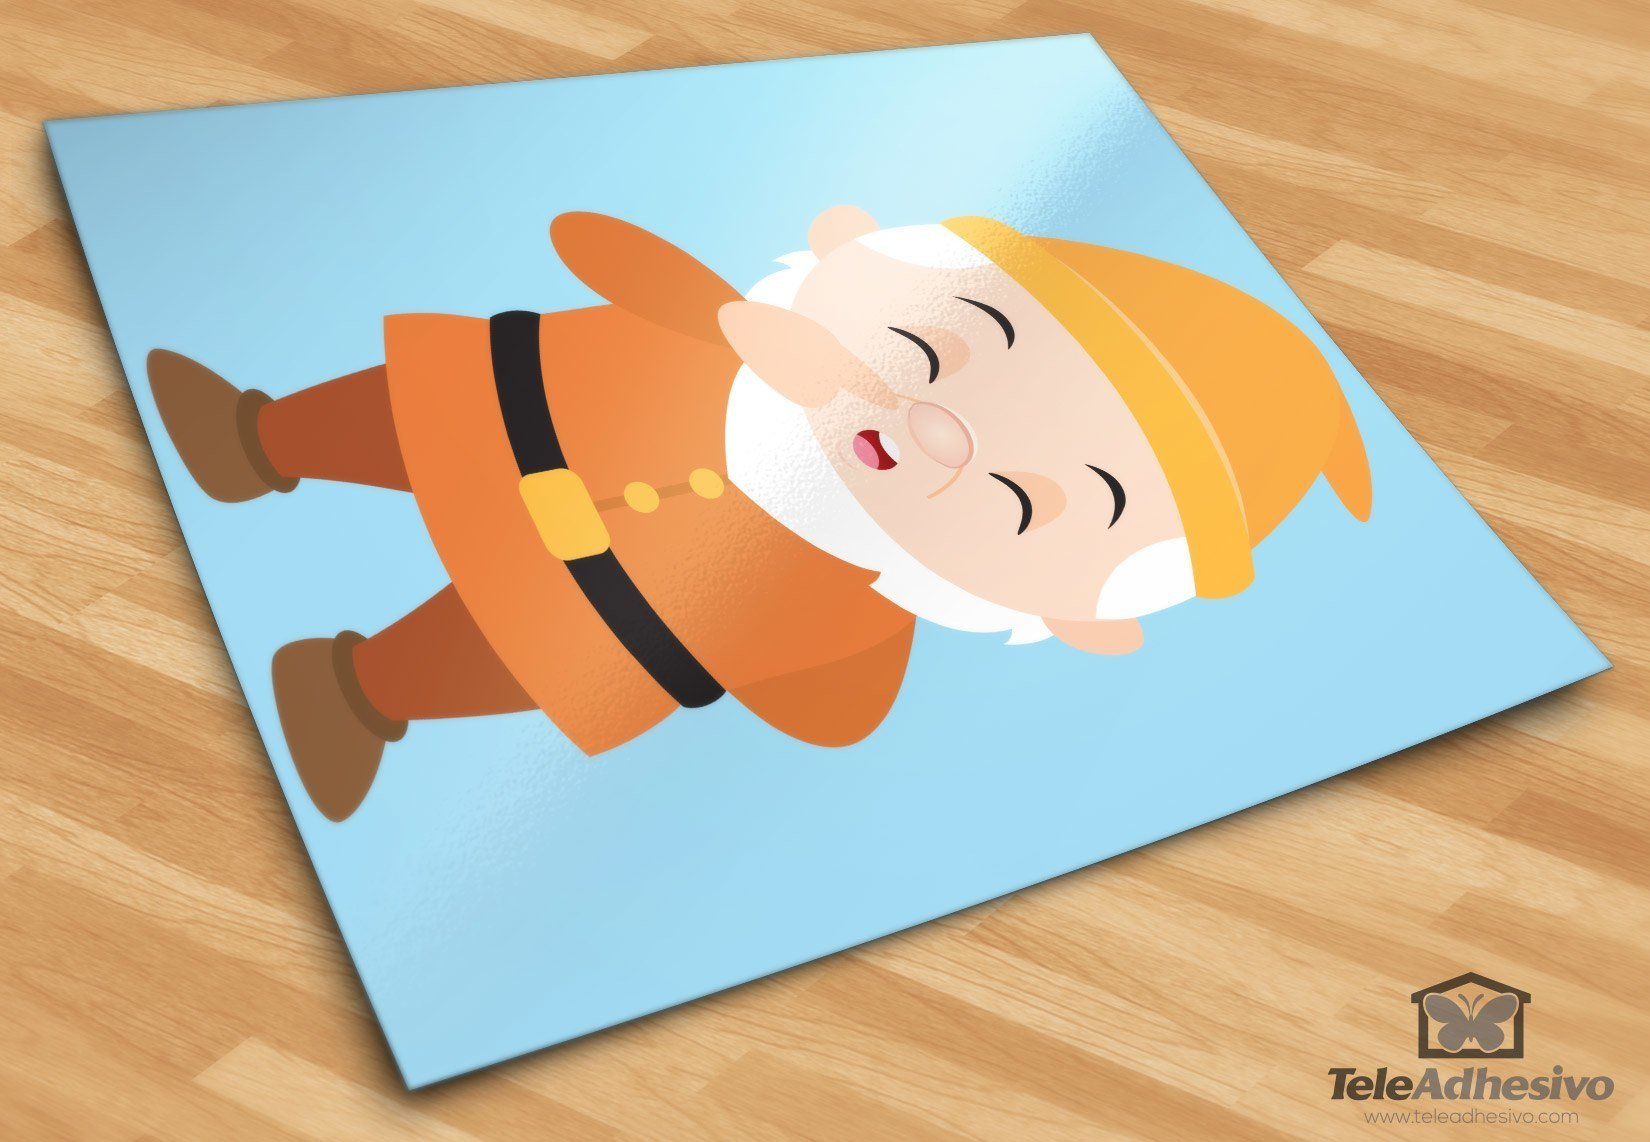 Kinderzimmer Wandtattoo: Zwerge Sneezy